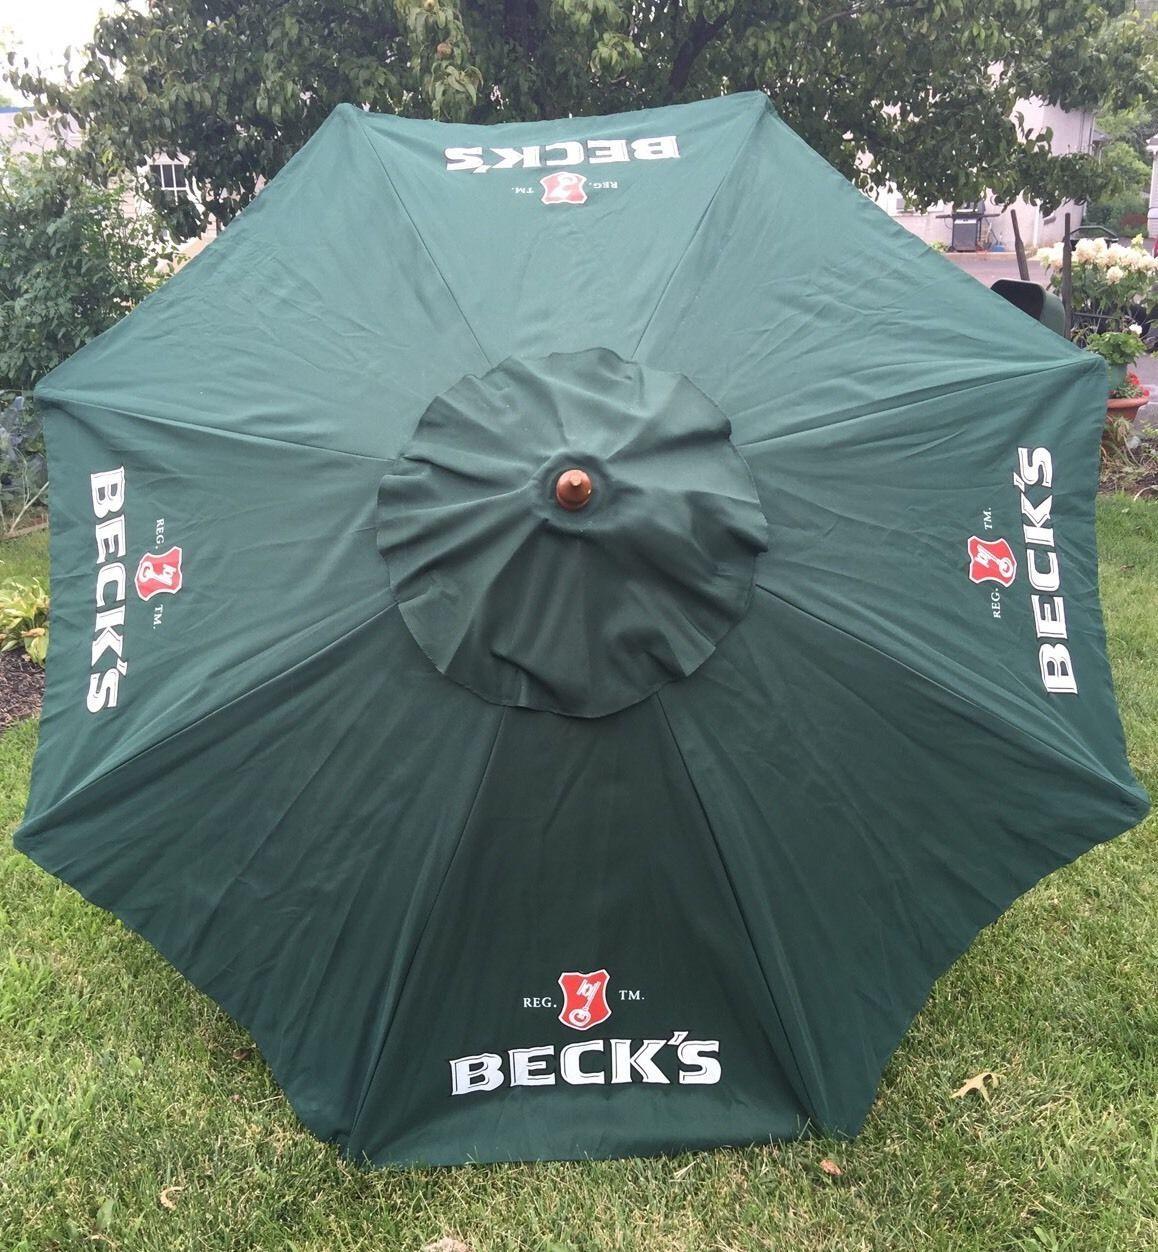 Beck S German Beer Logo 6 Beer Umbrella Market Patio Style Euc